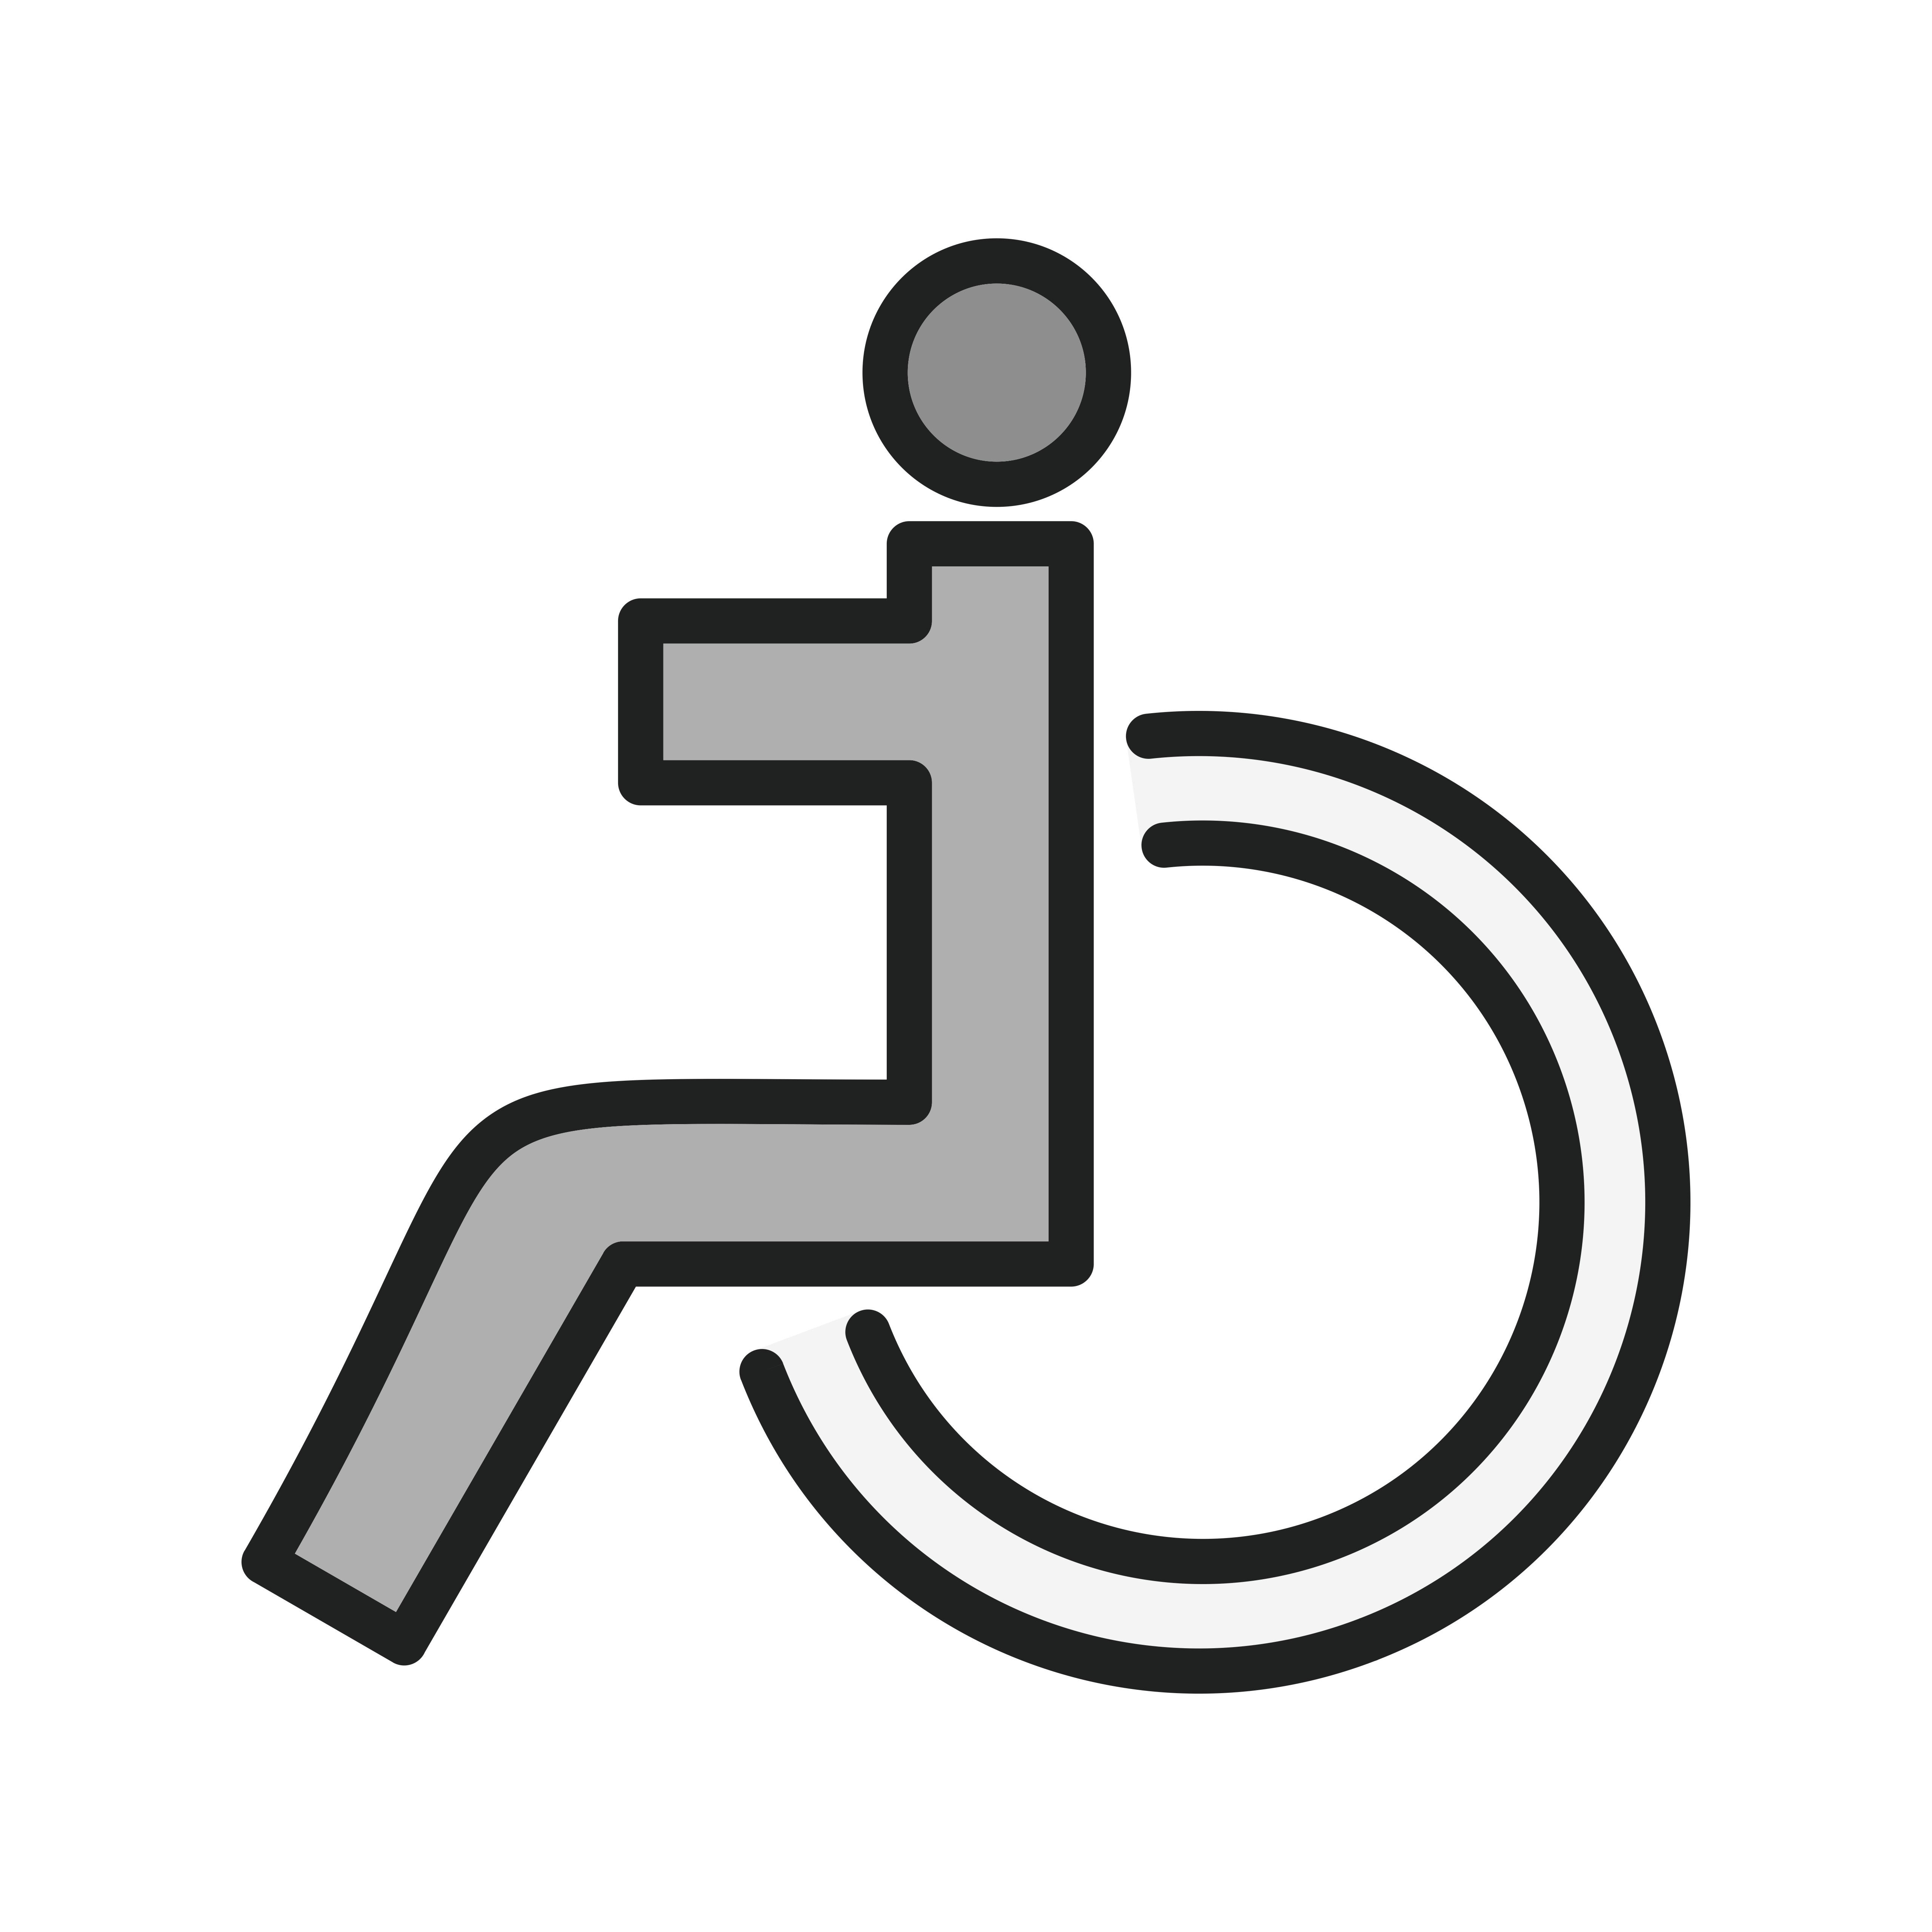 Behinderte Icon Design - Download Kostenlos Vector ...